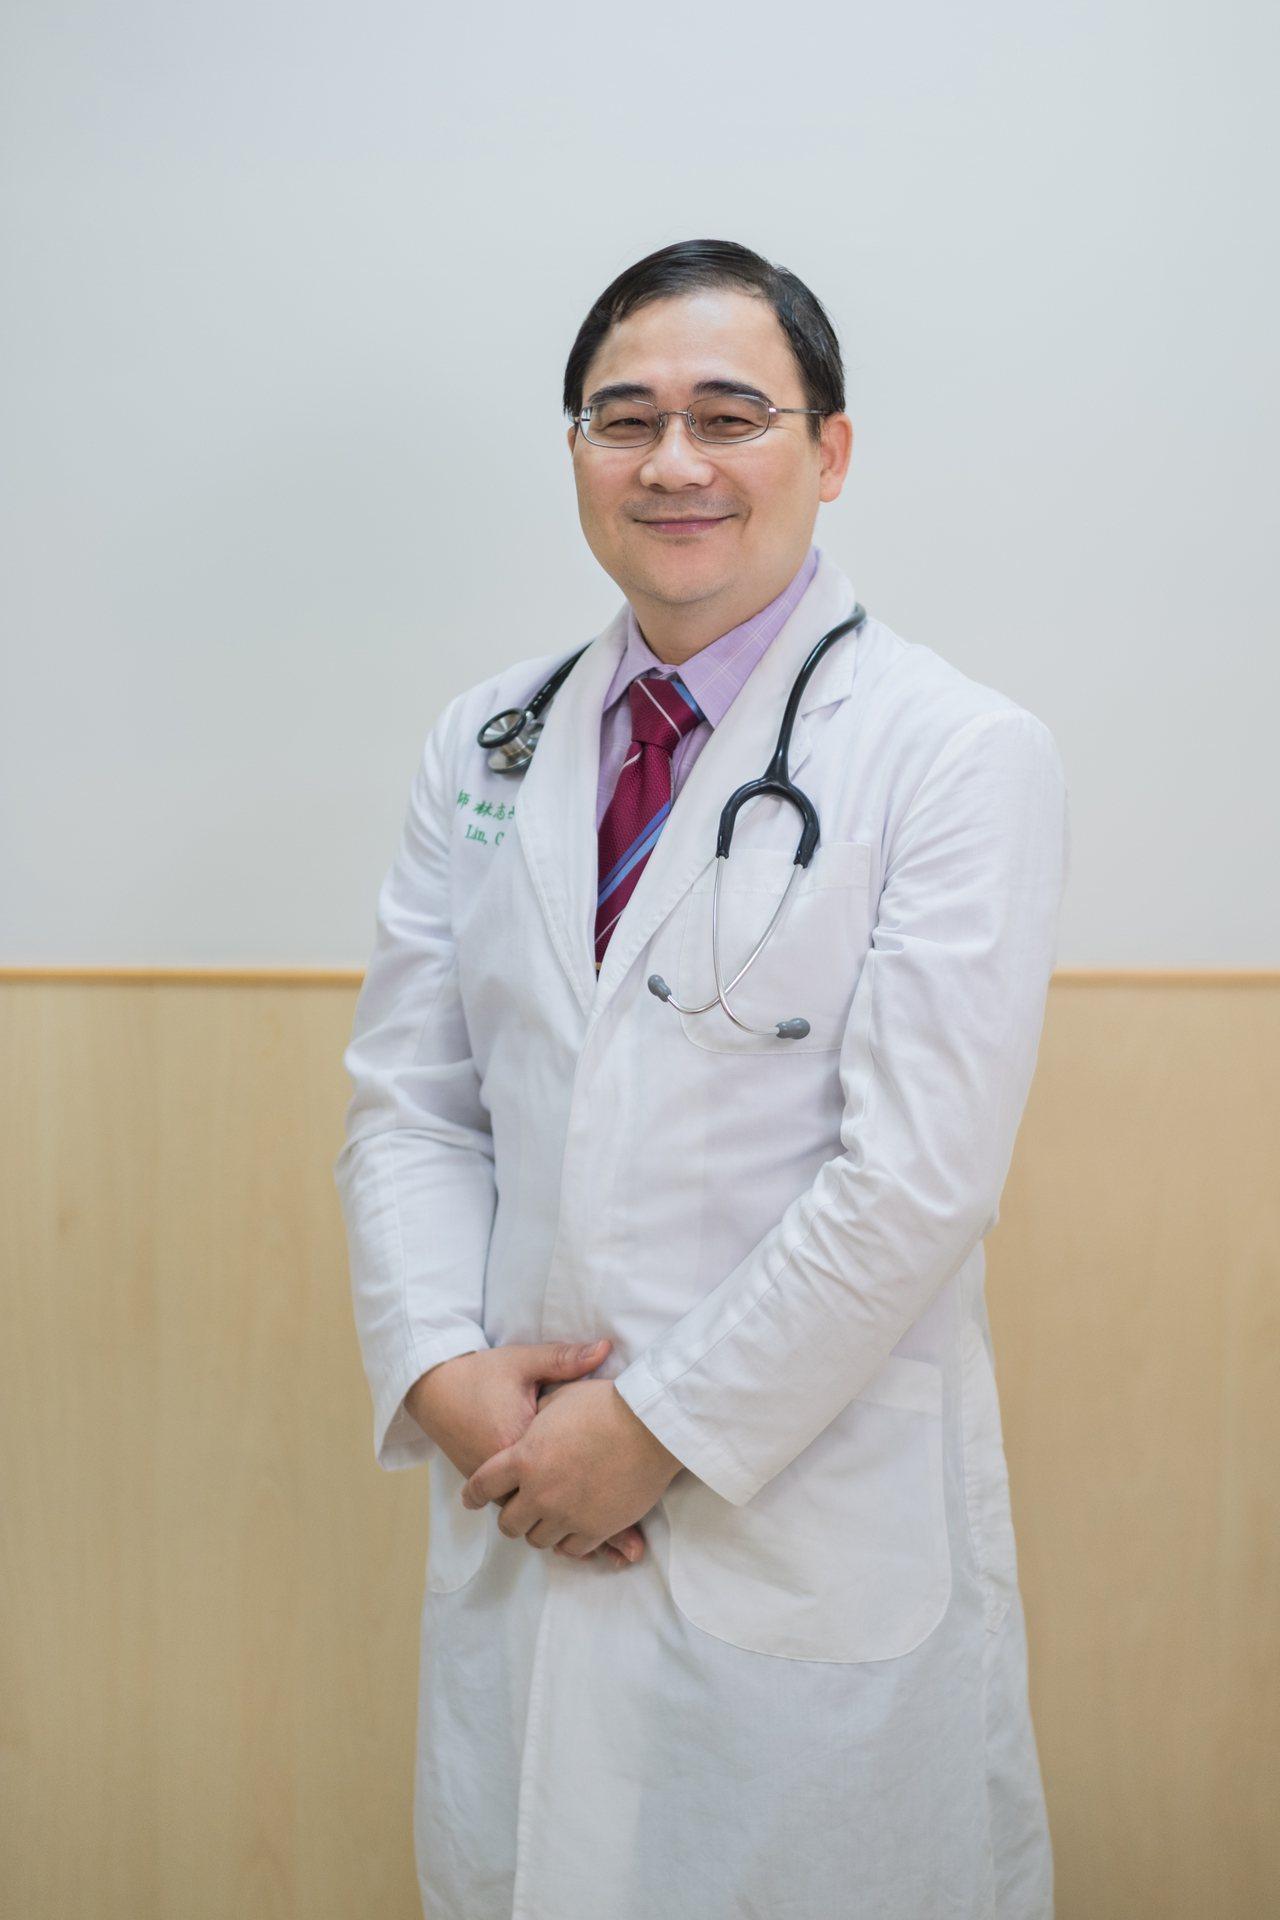 中國醫藥大學附設醫院老年醫學科主任林志學表示,在沒有疫苗保護力的空窗期,若老年人...